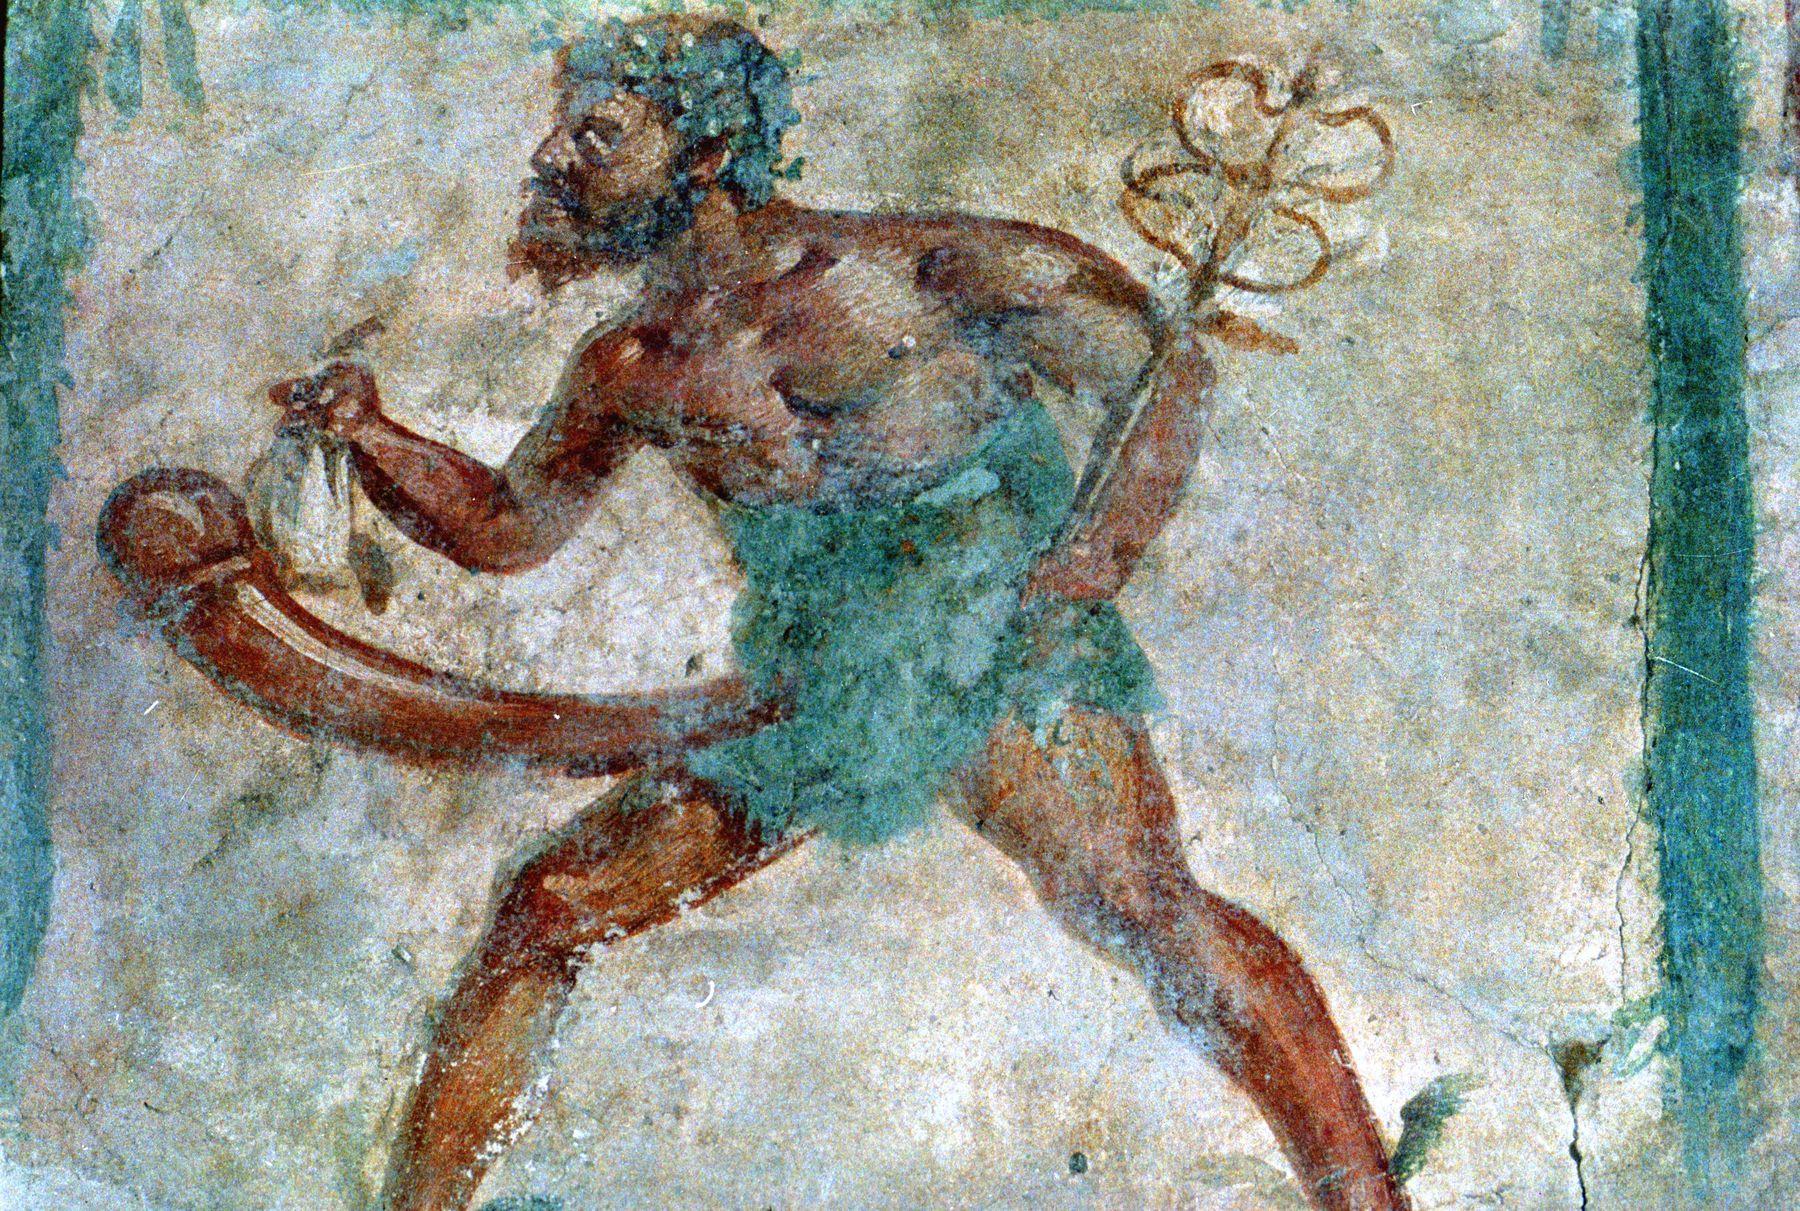 Tarihi Pompeii Çizimleri, İncil'in Eşcinselliği Lanetlemediğini Kanıtlıyor!